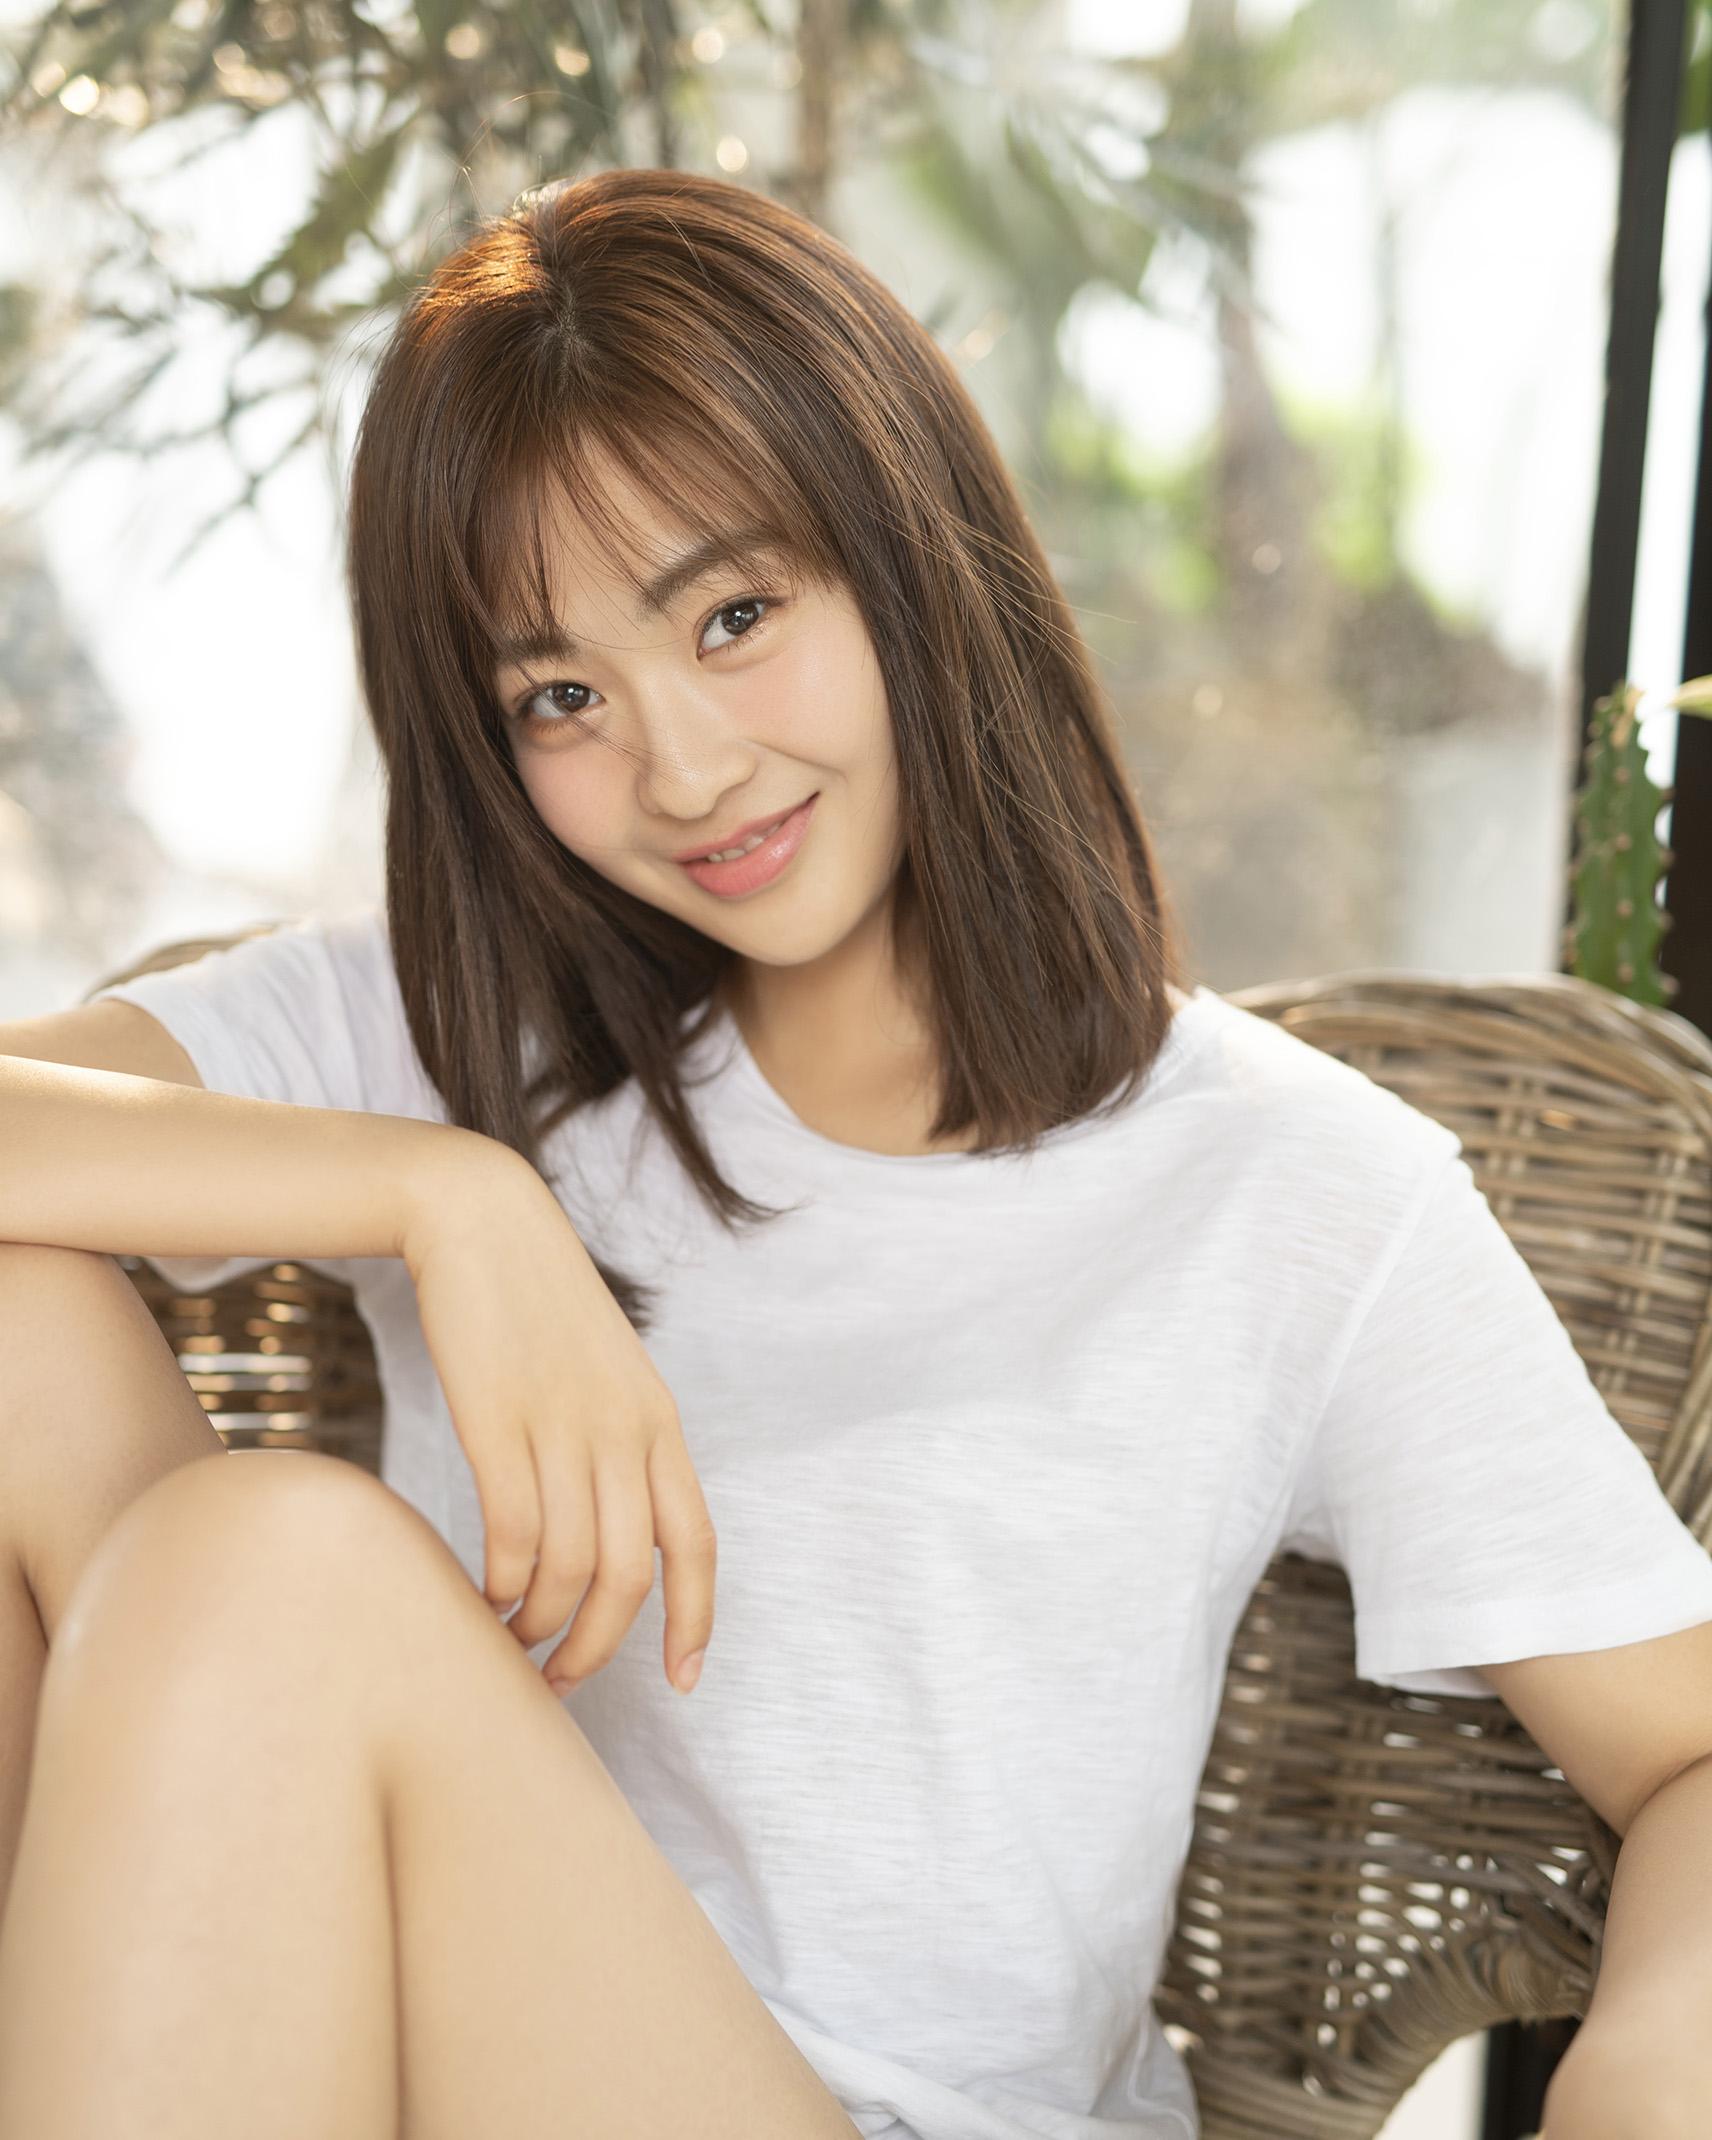 尚斯琪青春系写真曝光 标榜95后清新小花新典范